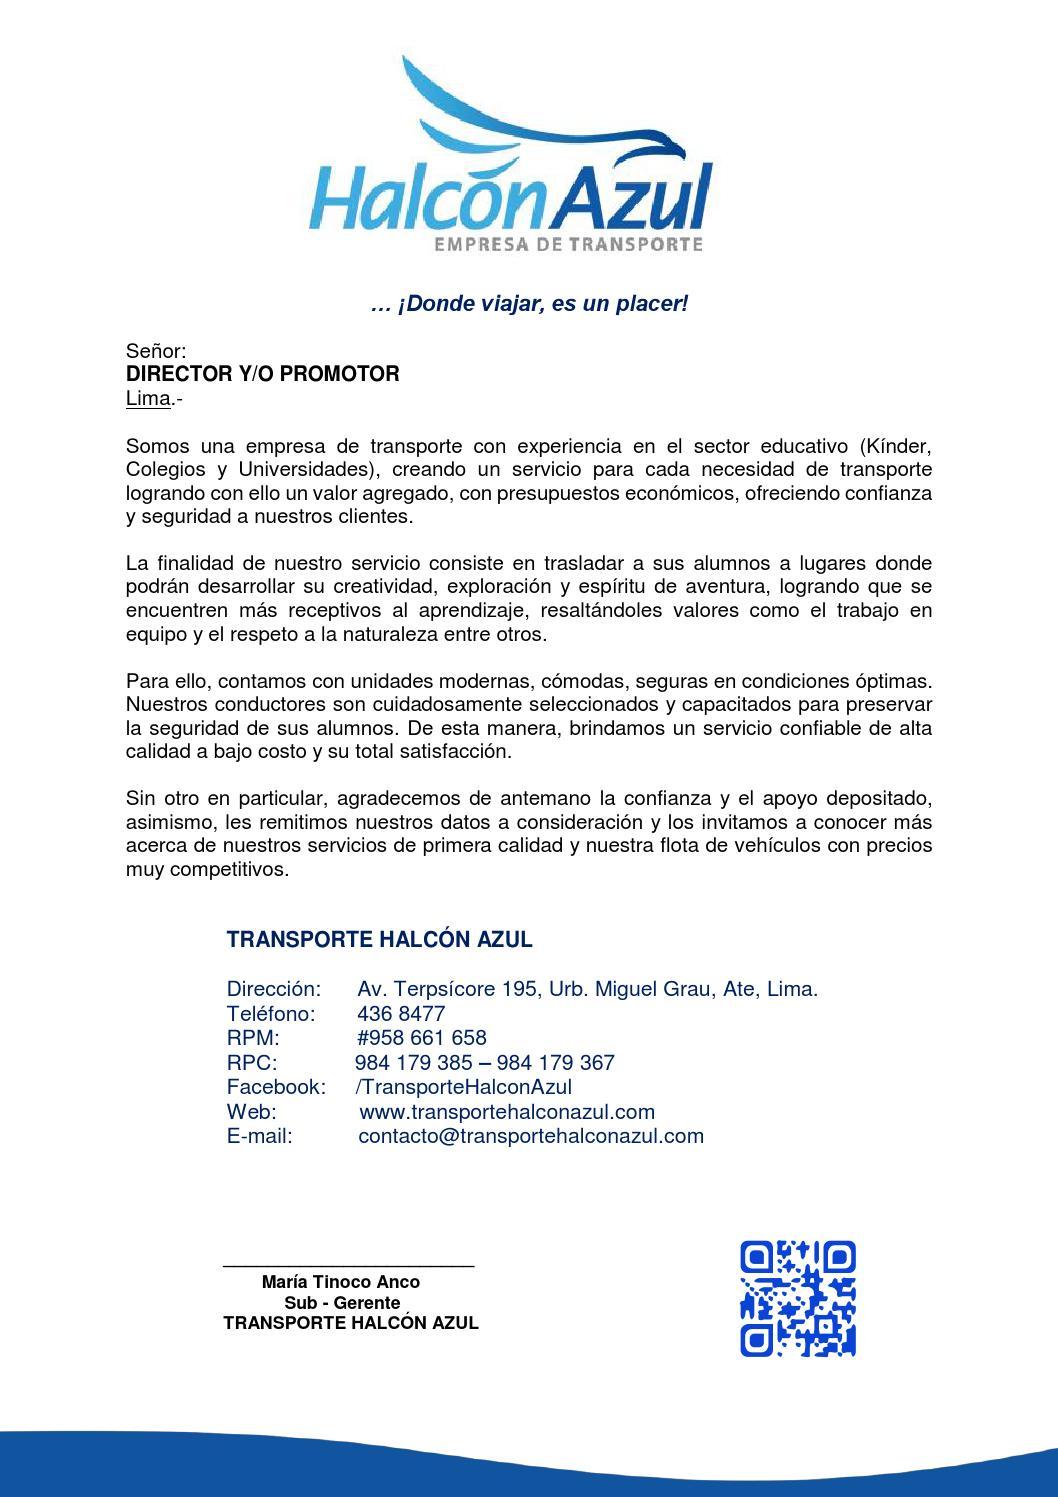 carta de presentacion para un trabajo - Selo.l-ink.co